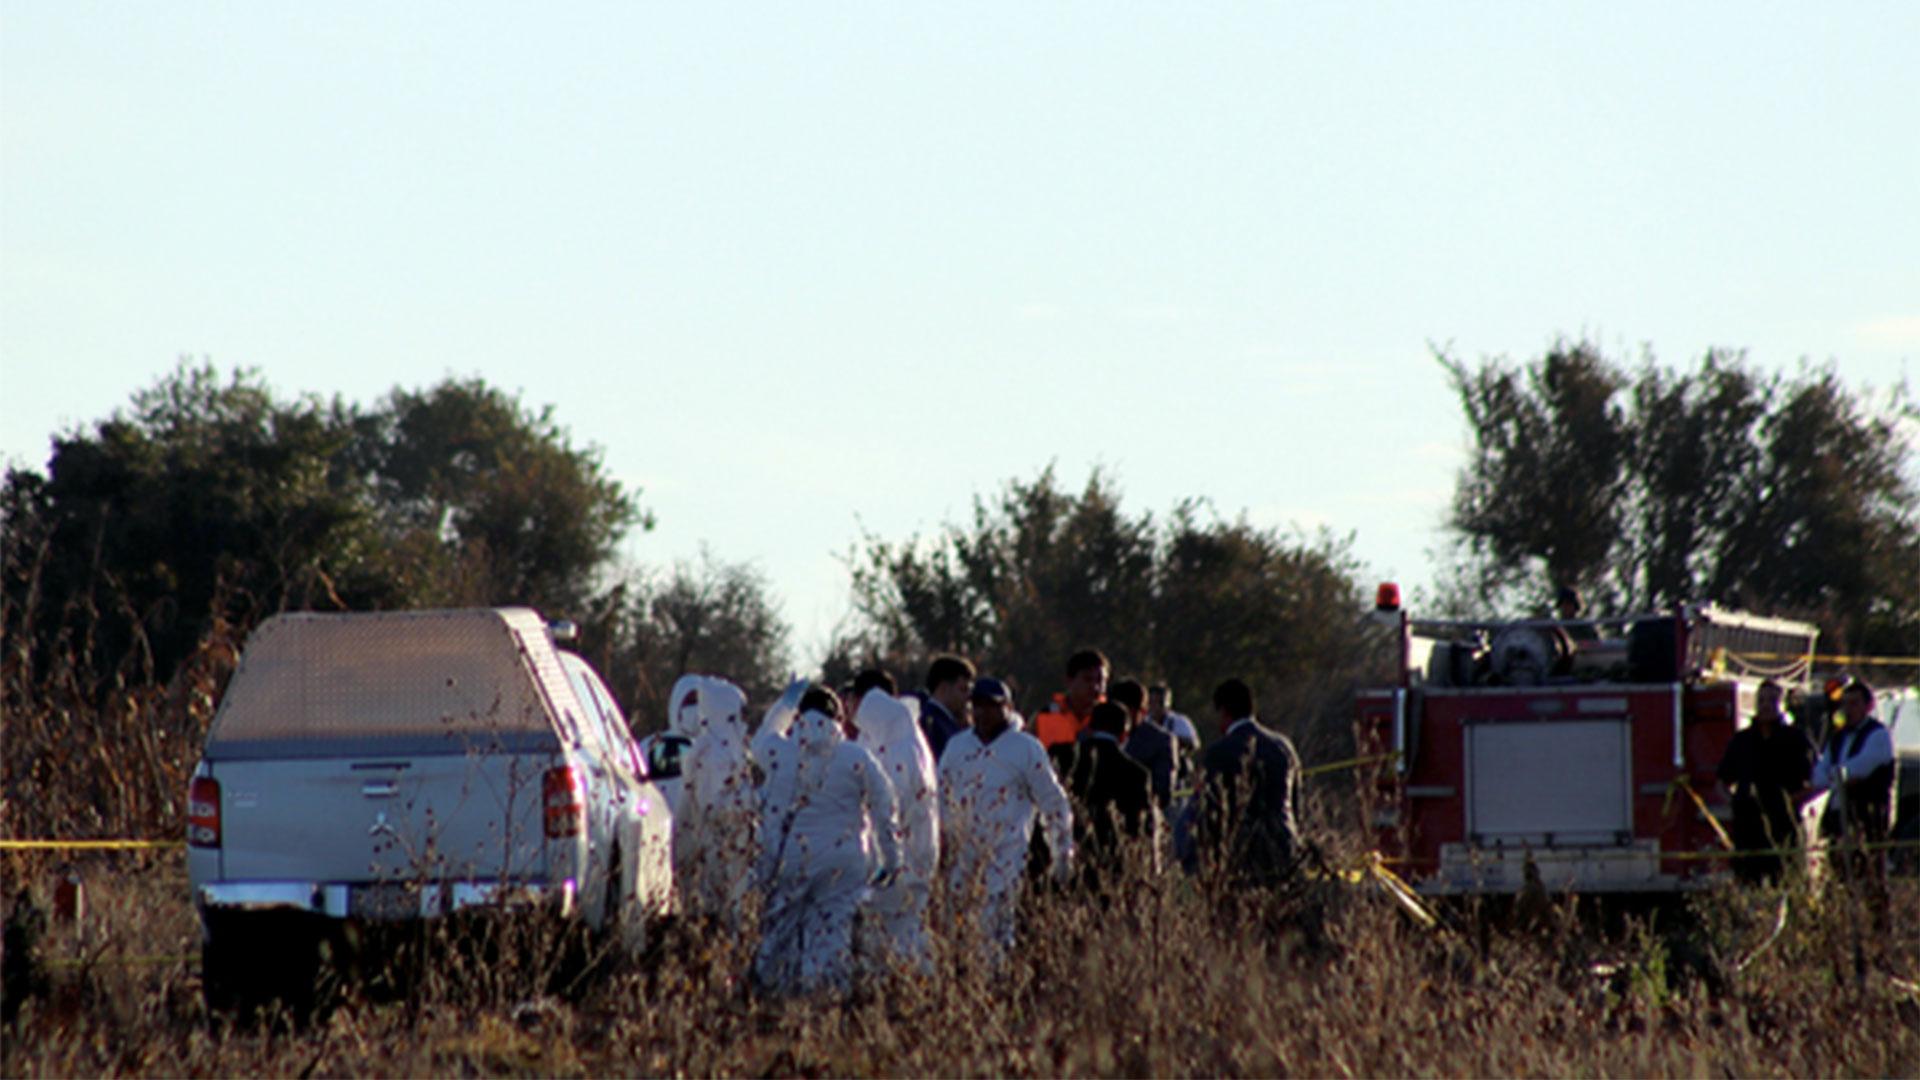 Peritos canadienses ayudarán en la investigación para determinar las causas del accidente (Foto: Archivo)